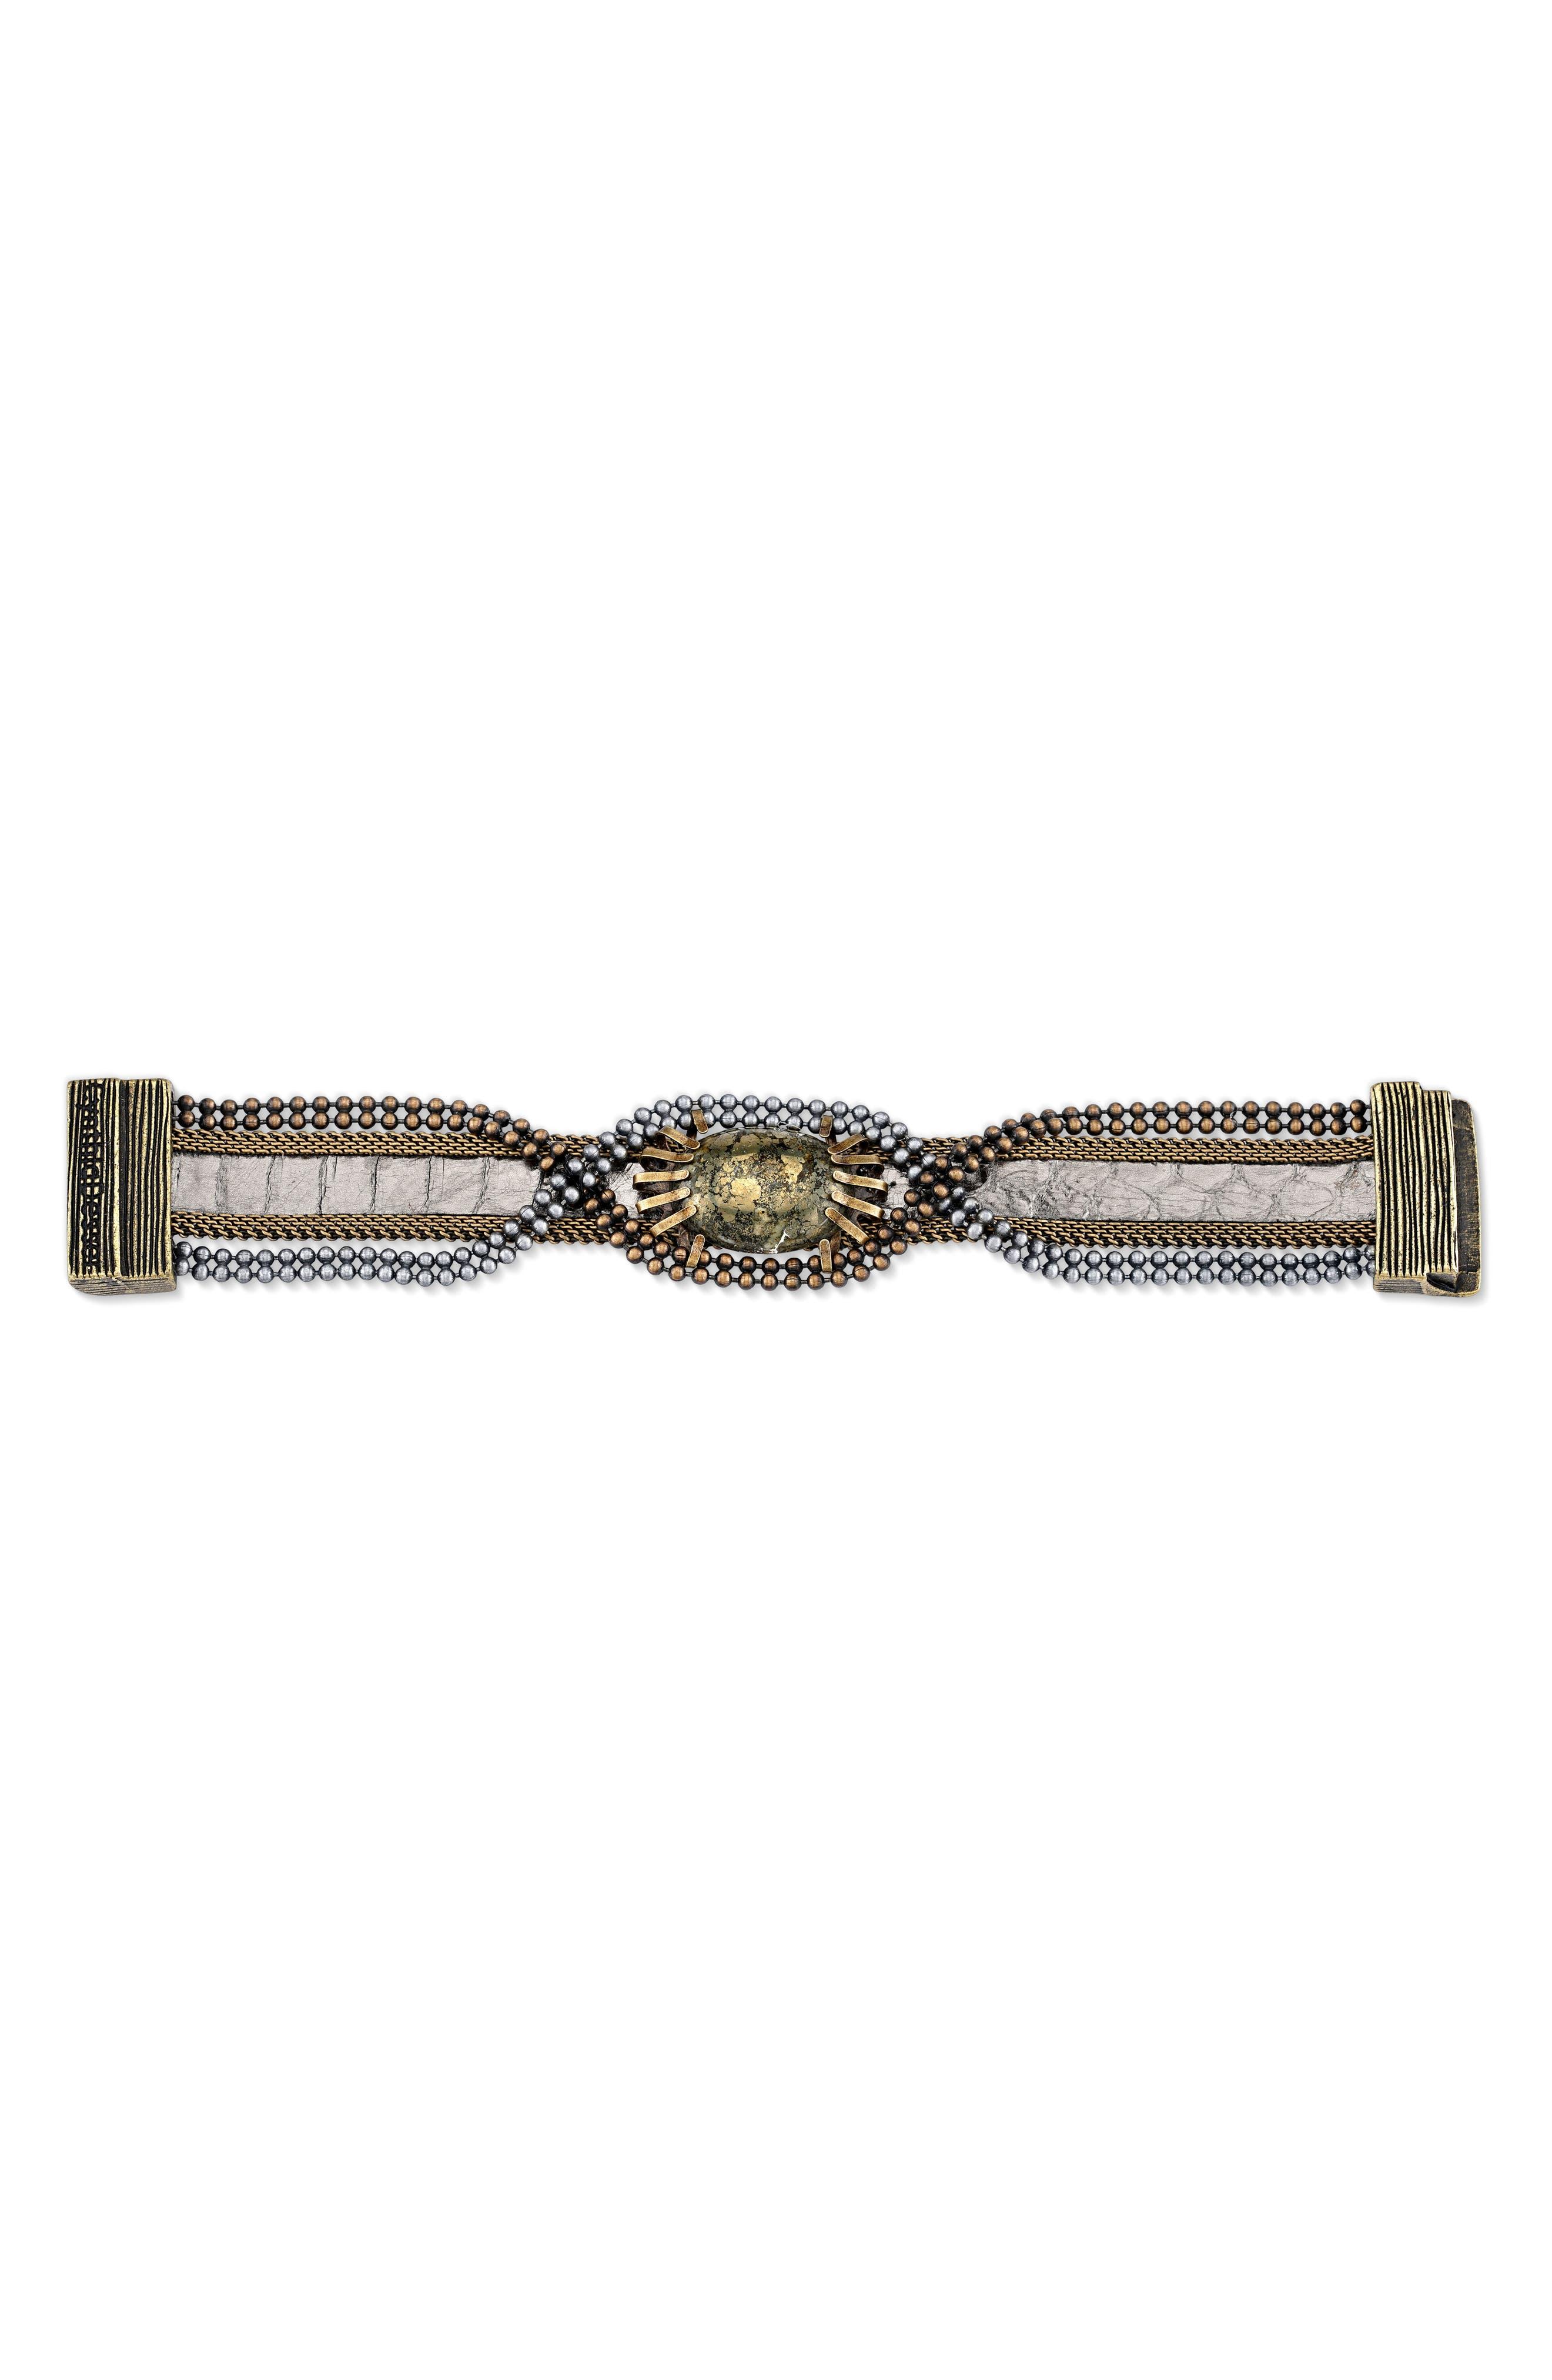 Stone & Snakeskin Bracelet,                             Alternate thumbnail 2, color,                             Bronze/ Silver/ Gold